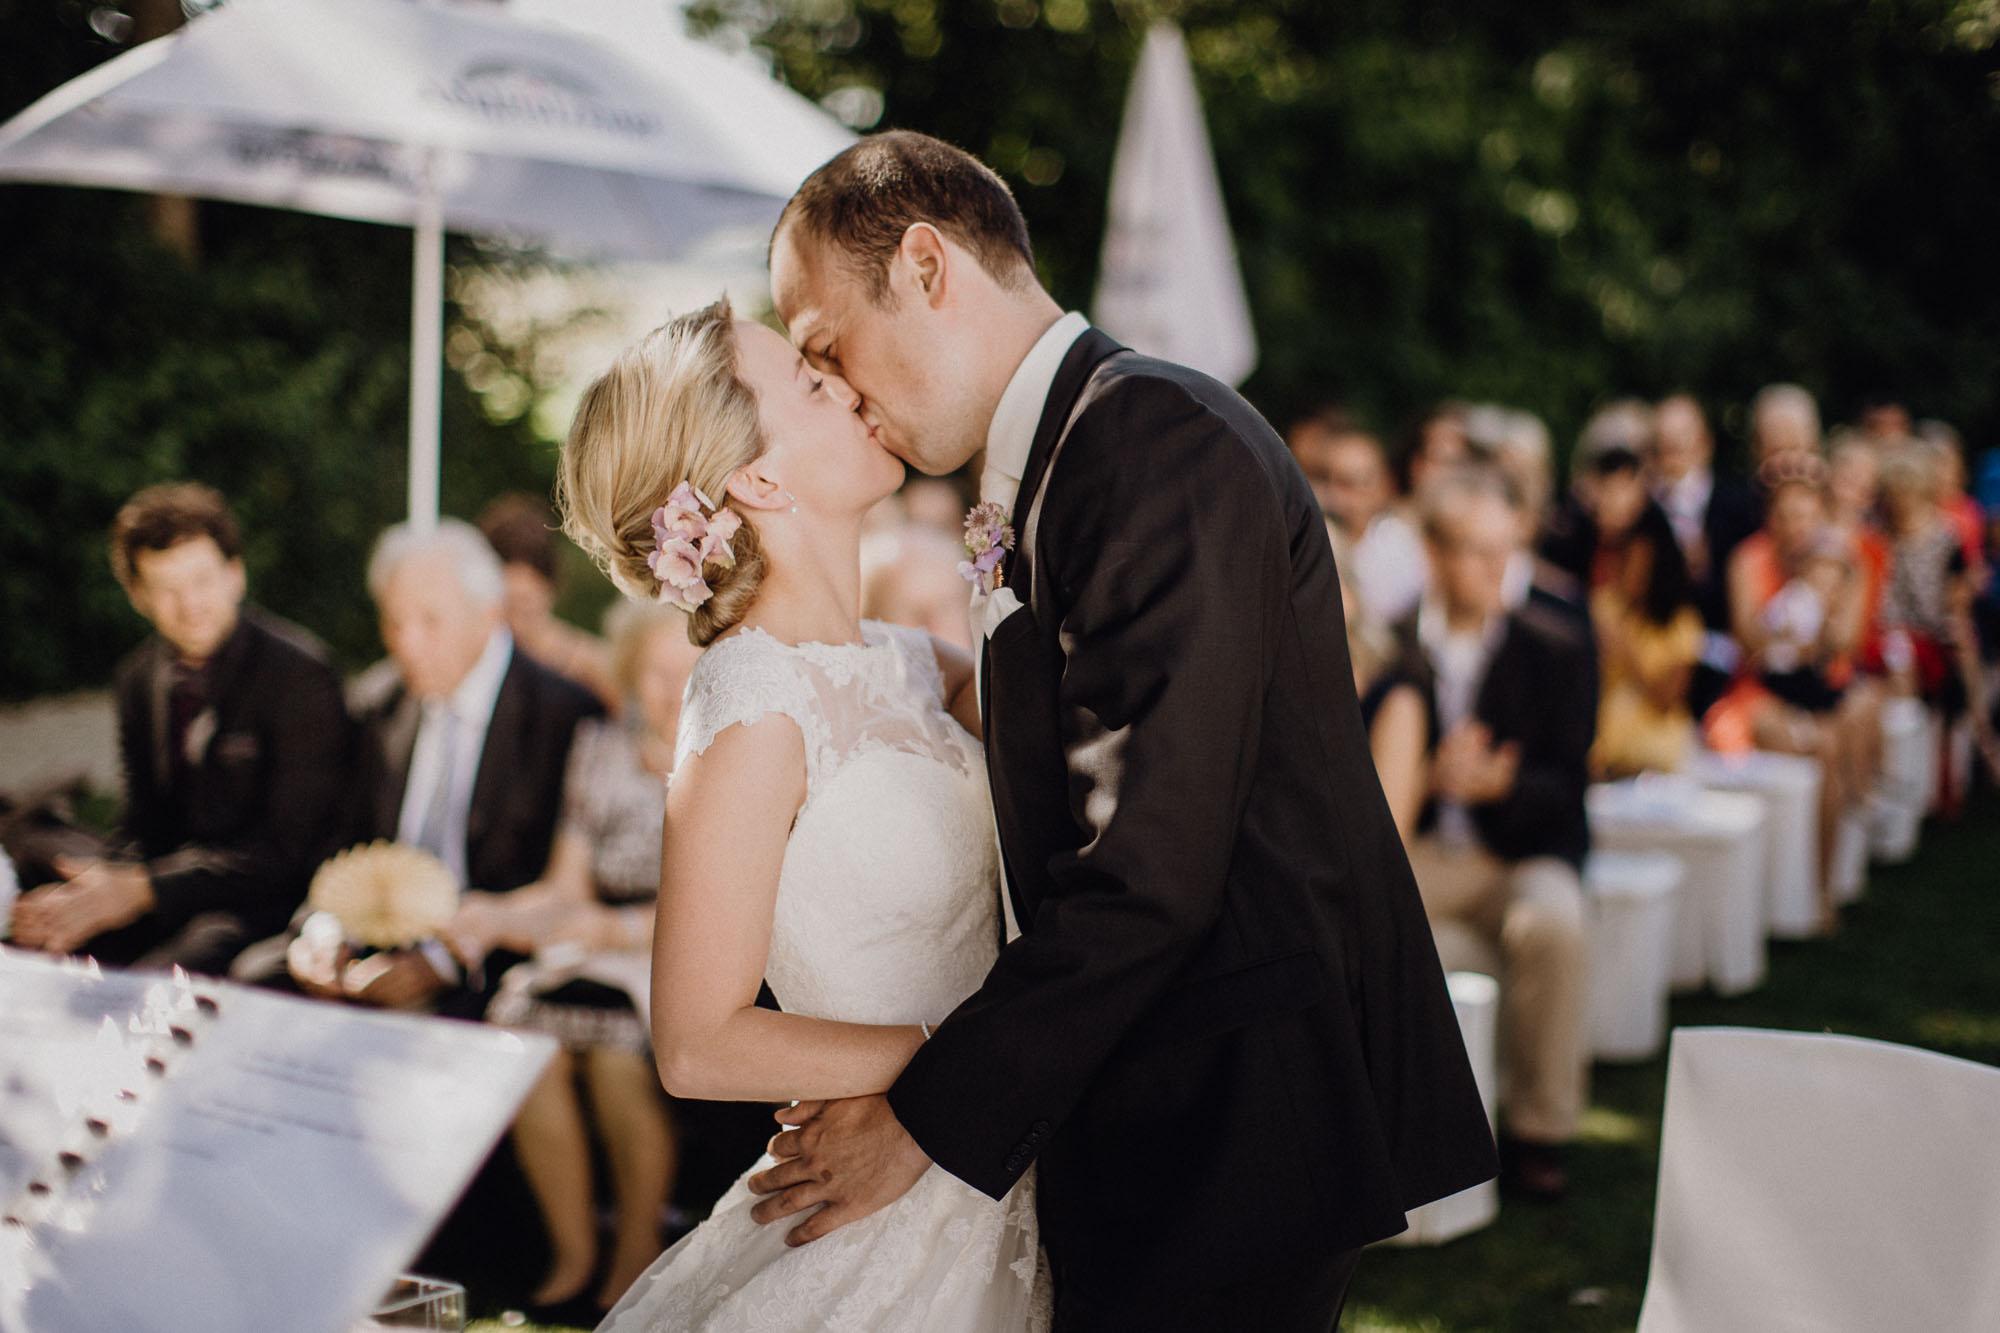 raissa simon photography destination wedding munich bayern schloss hohenkammer 073 - Andi + Joni